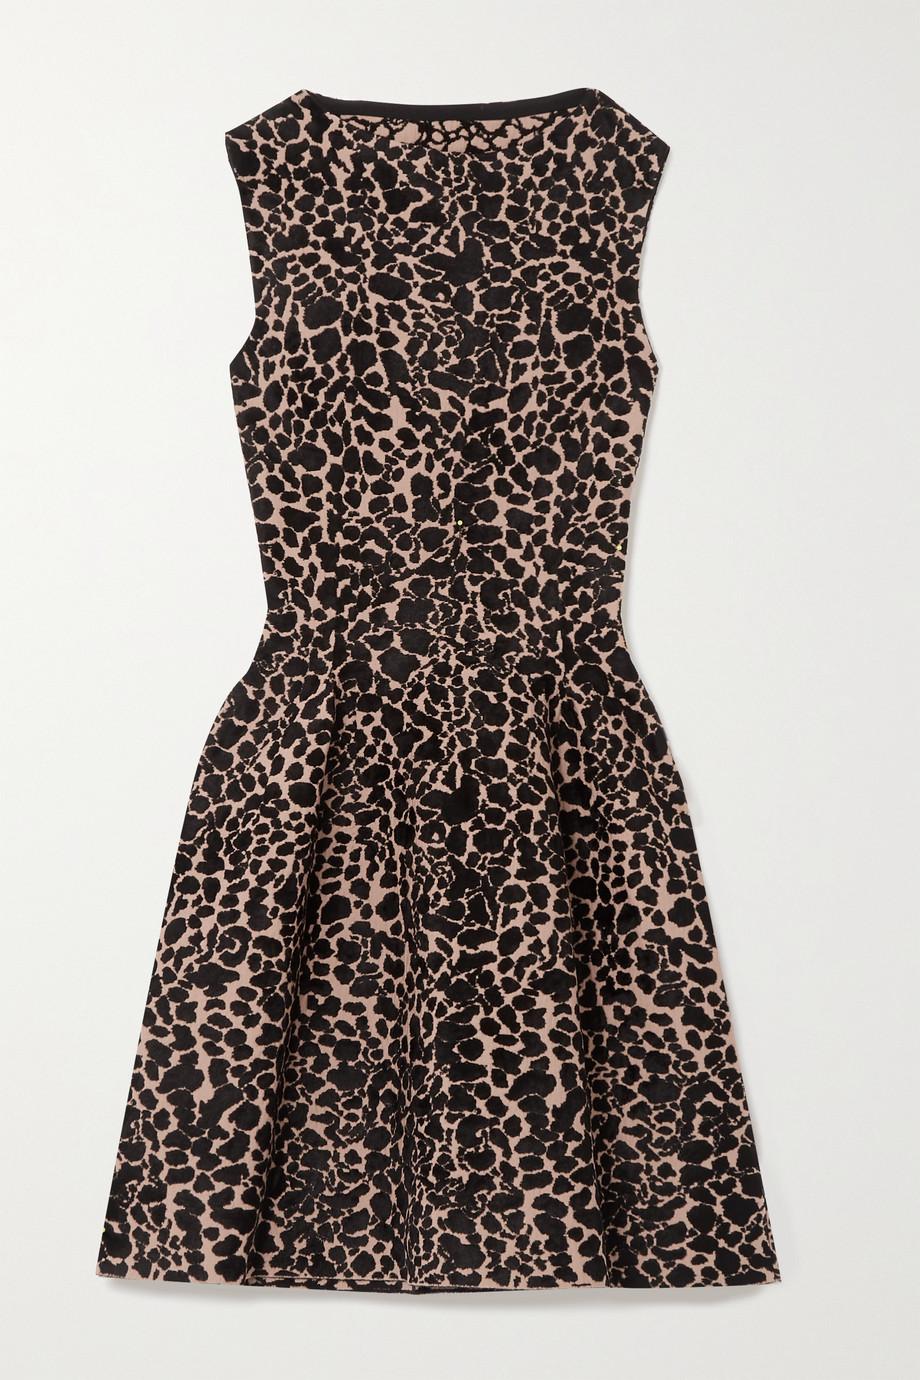 Alaïa Leopard jacquard-knit mini dress